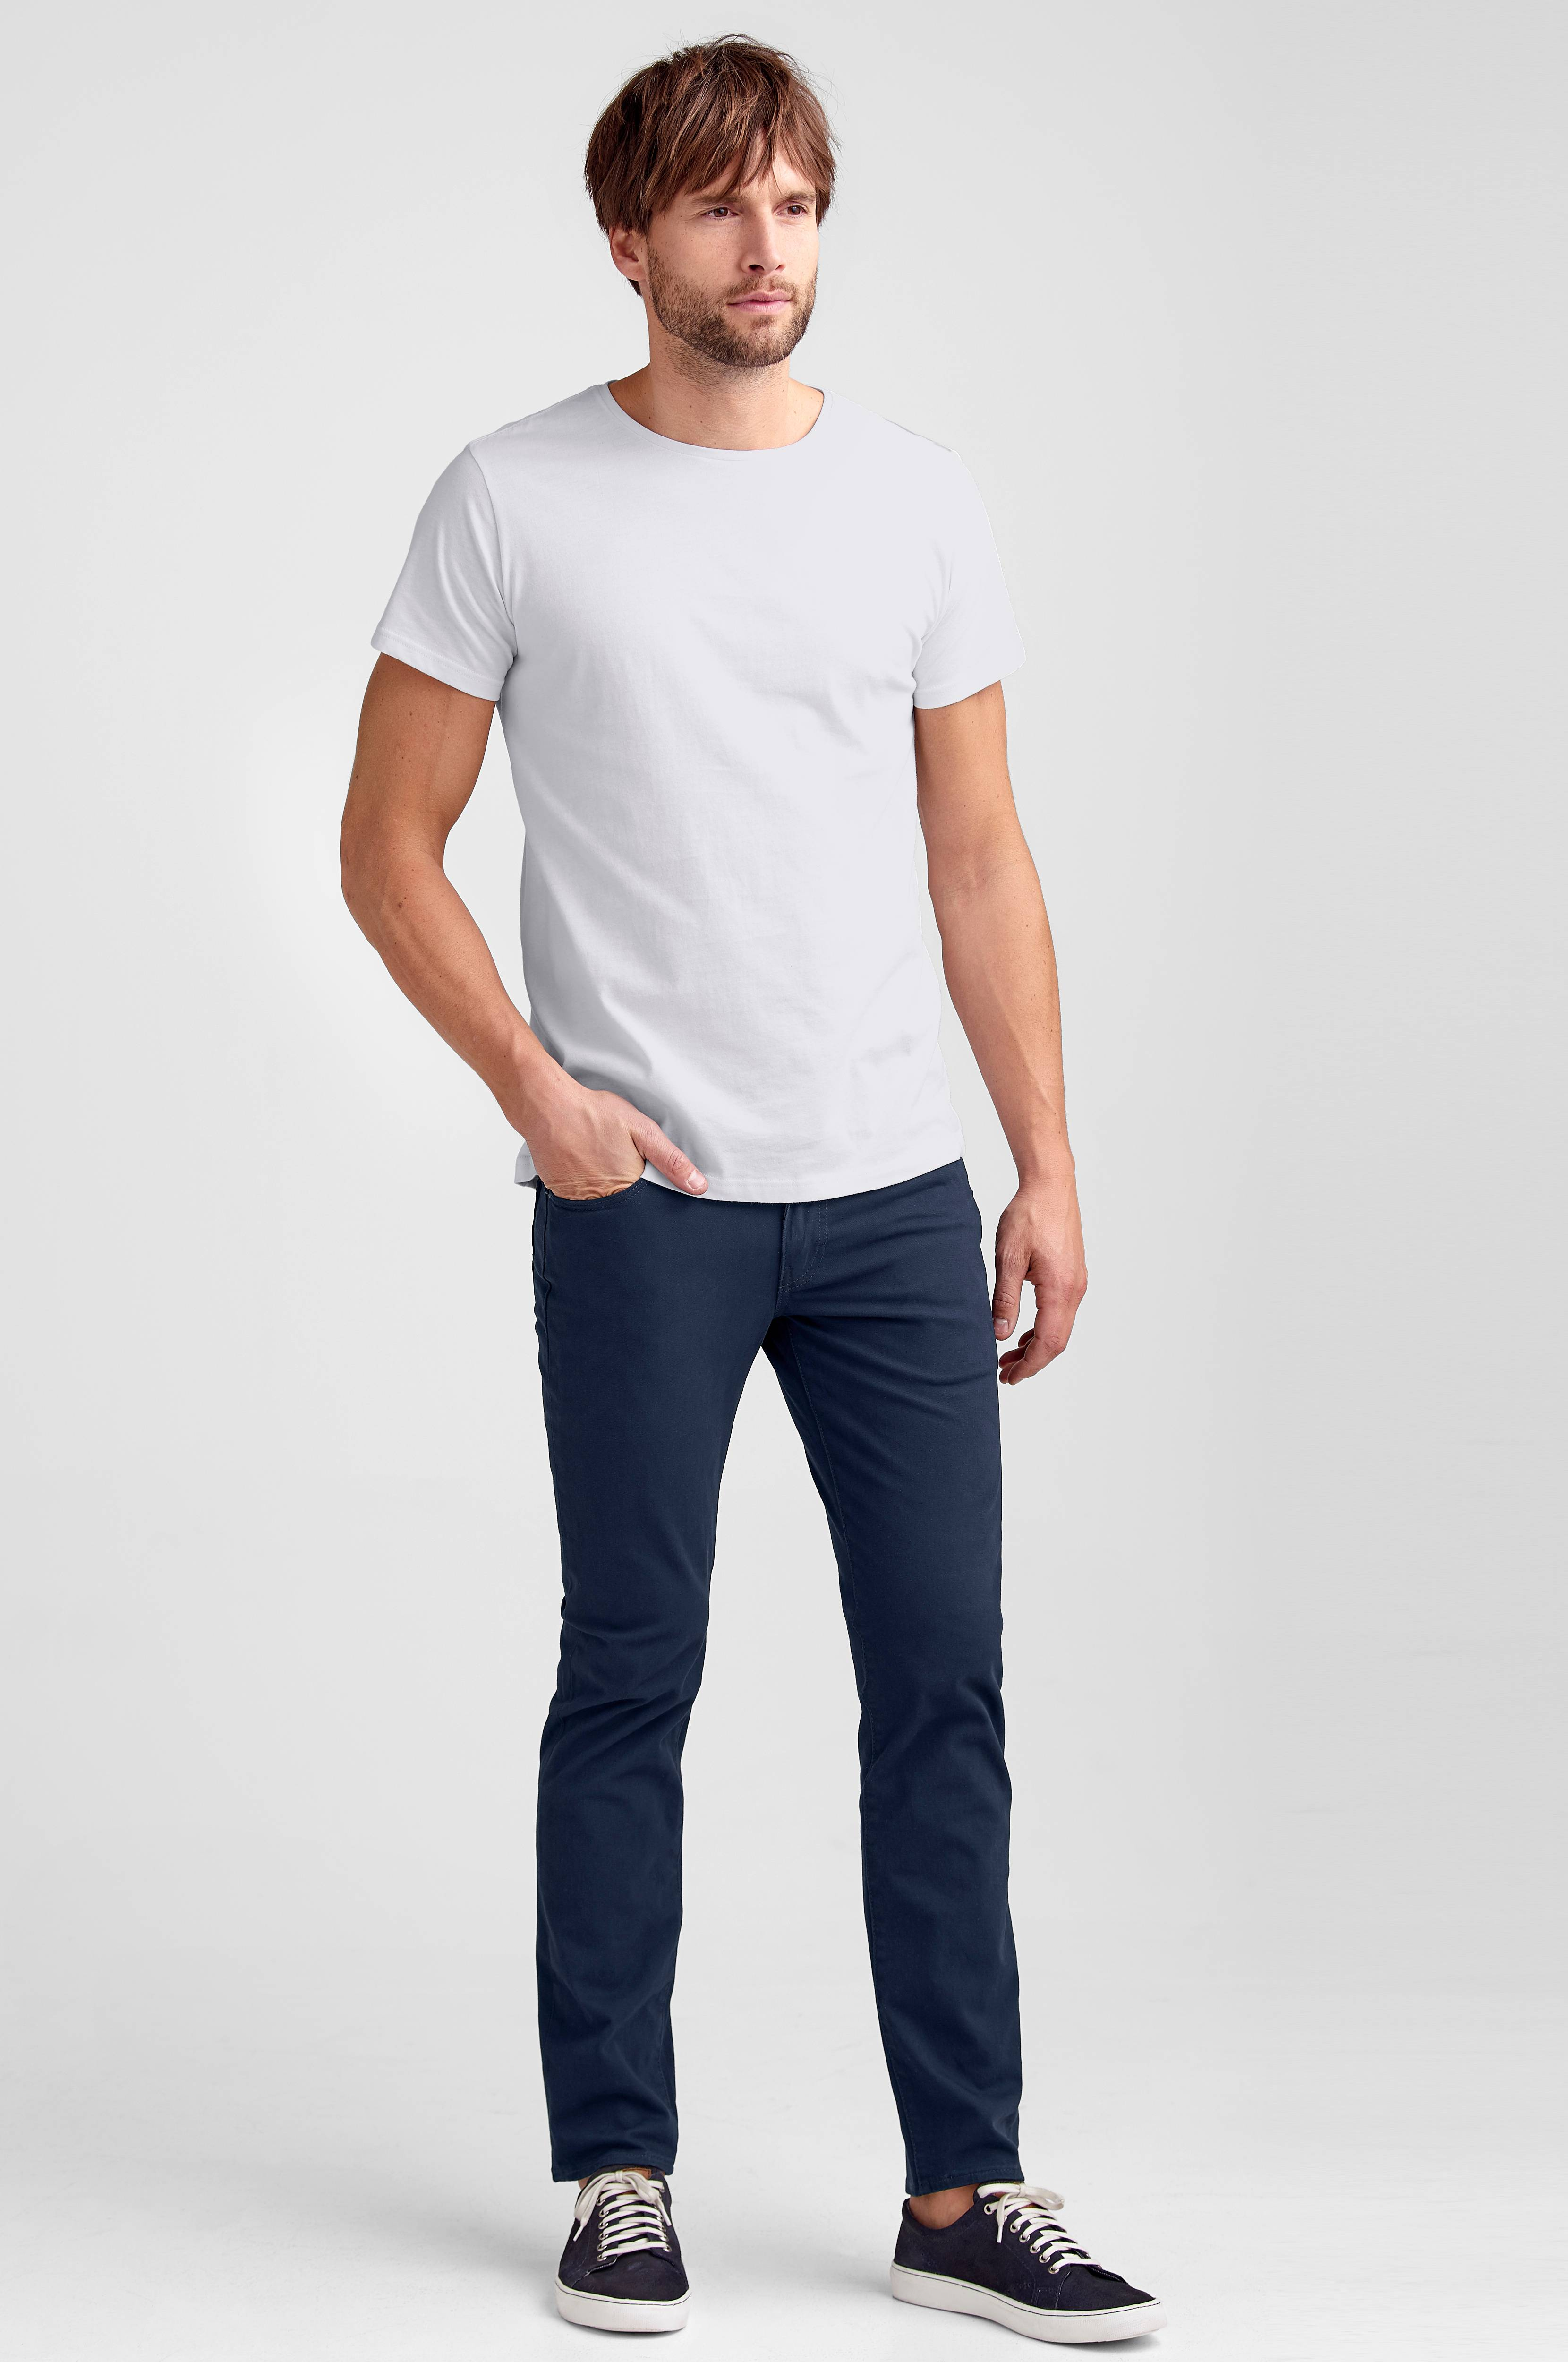 levi 39 s jeans 511 slim fit bl herre. Black Bedroom Furniture Sets. Home Design Ideas